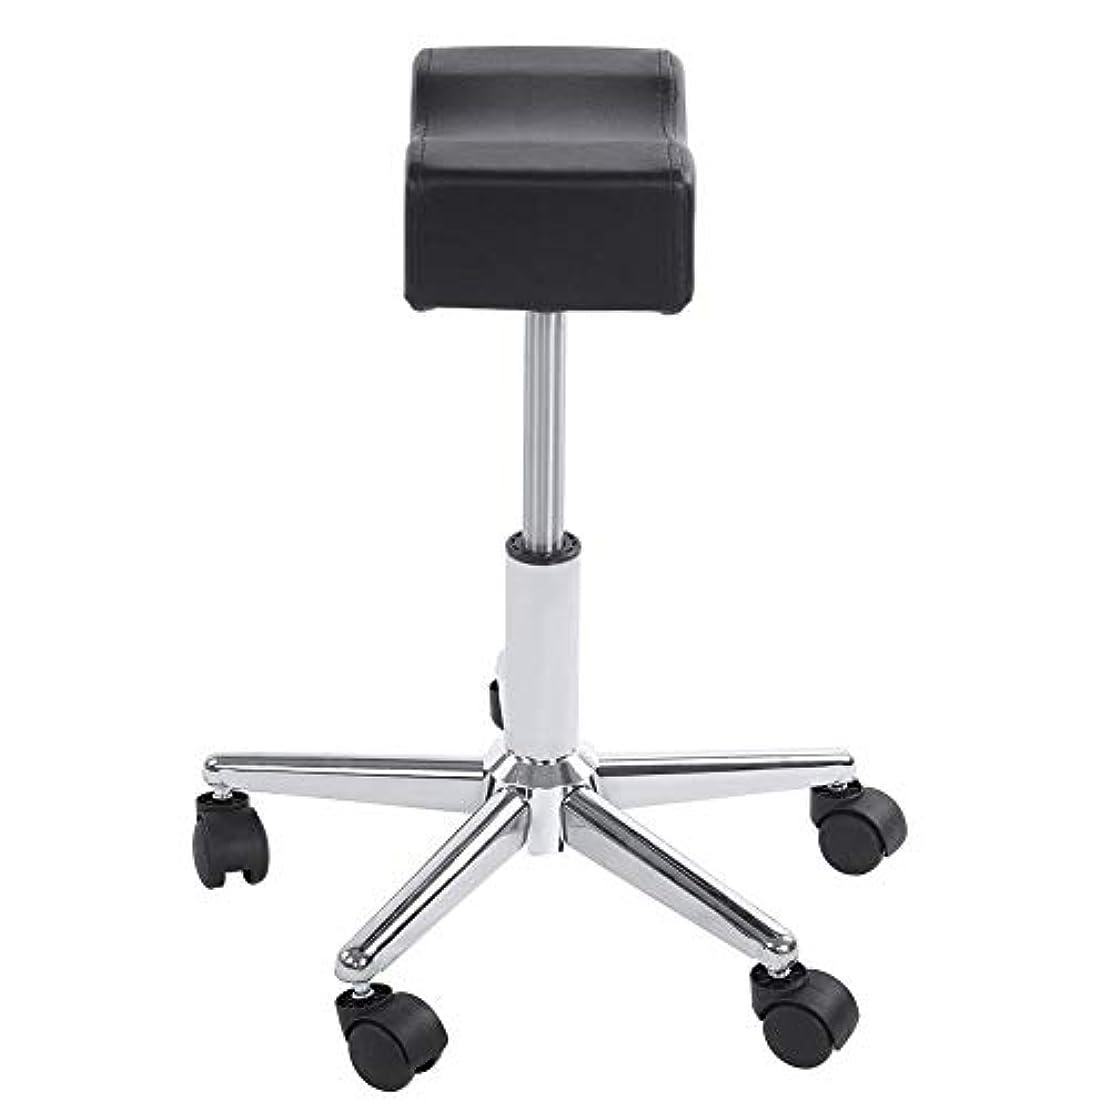 民間人シンプトン統計的調節可能な椅子、高さ調節可能なローリングチェアホーム用可動ホイール付きの快適なシートクッションスツール